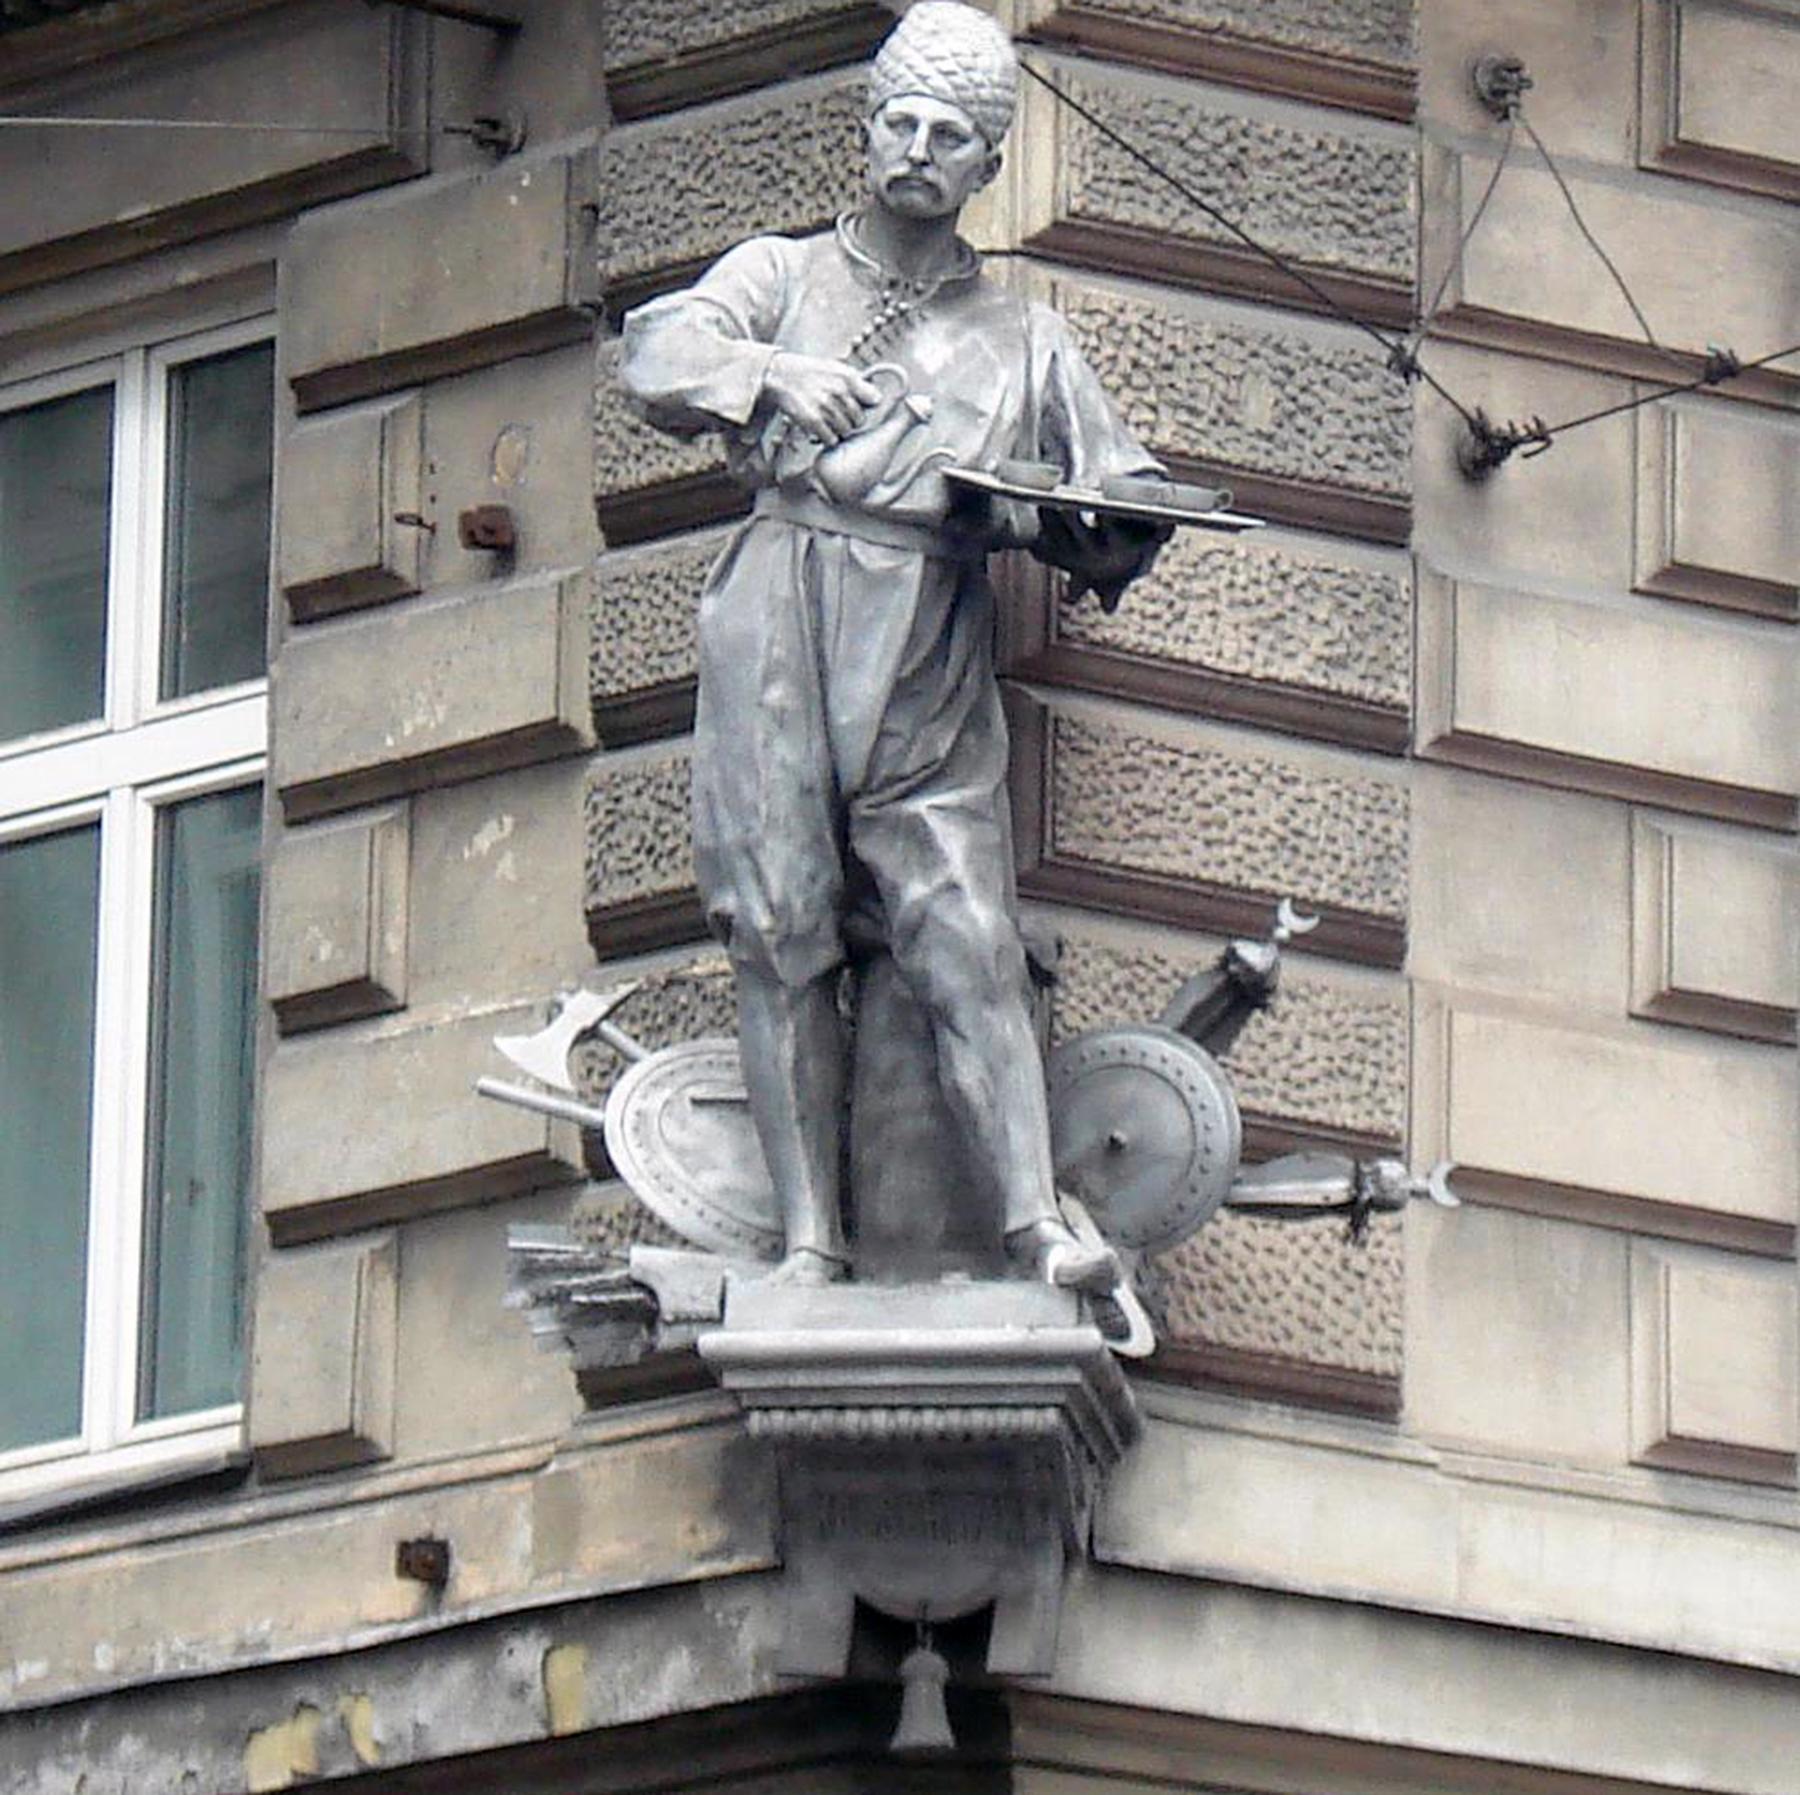 Відомий український кавовар, герой-рятівник Відня вшанований у столиці Австрії.